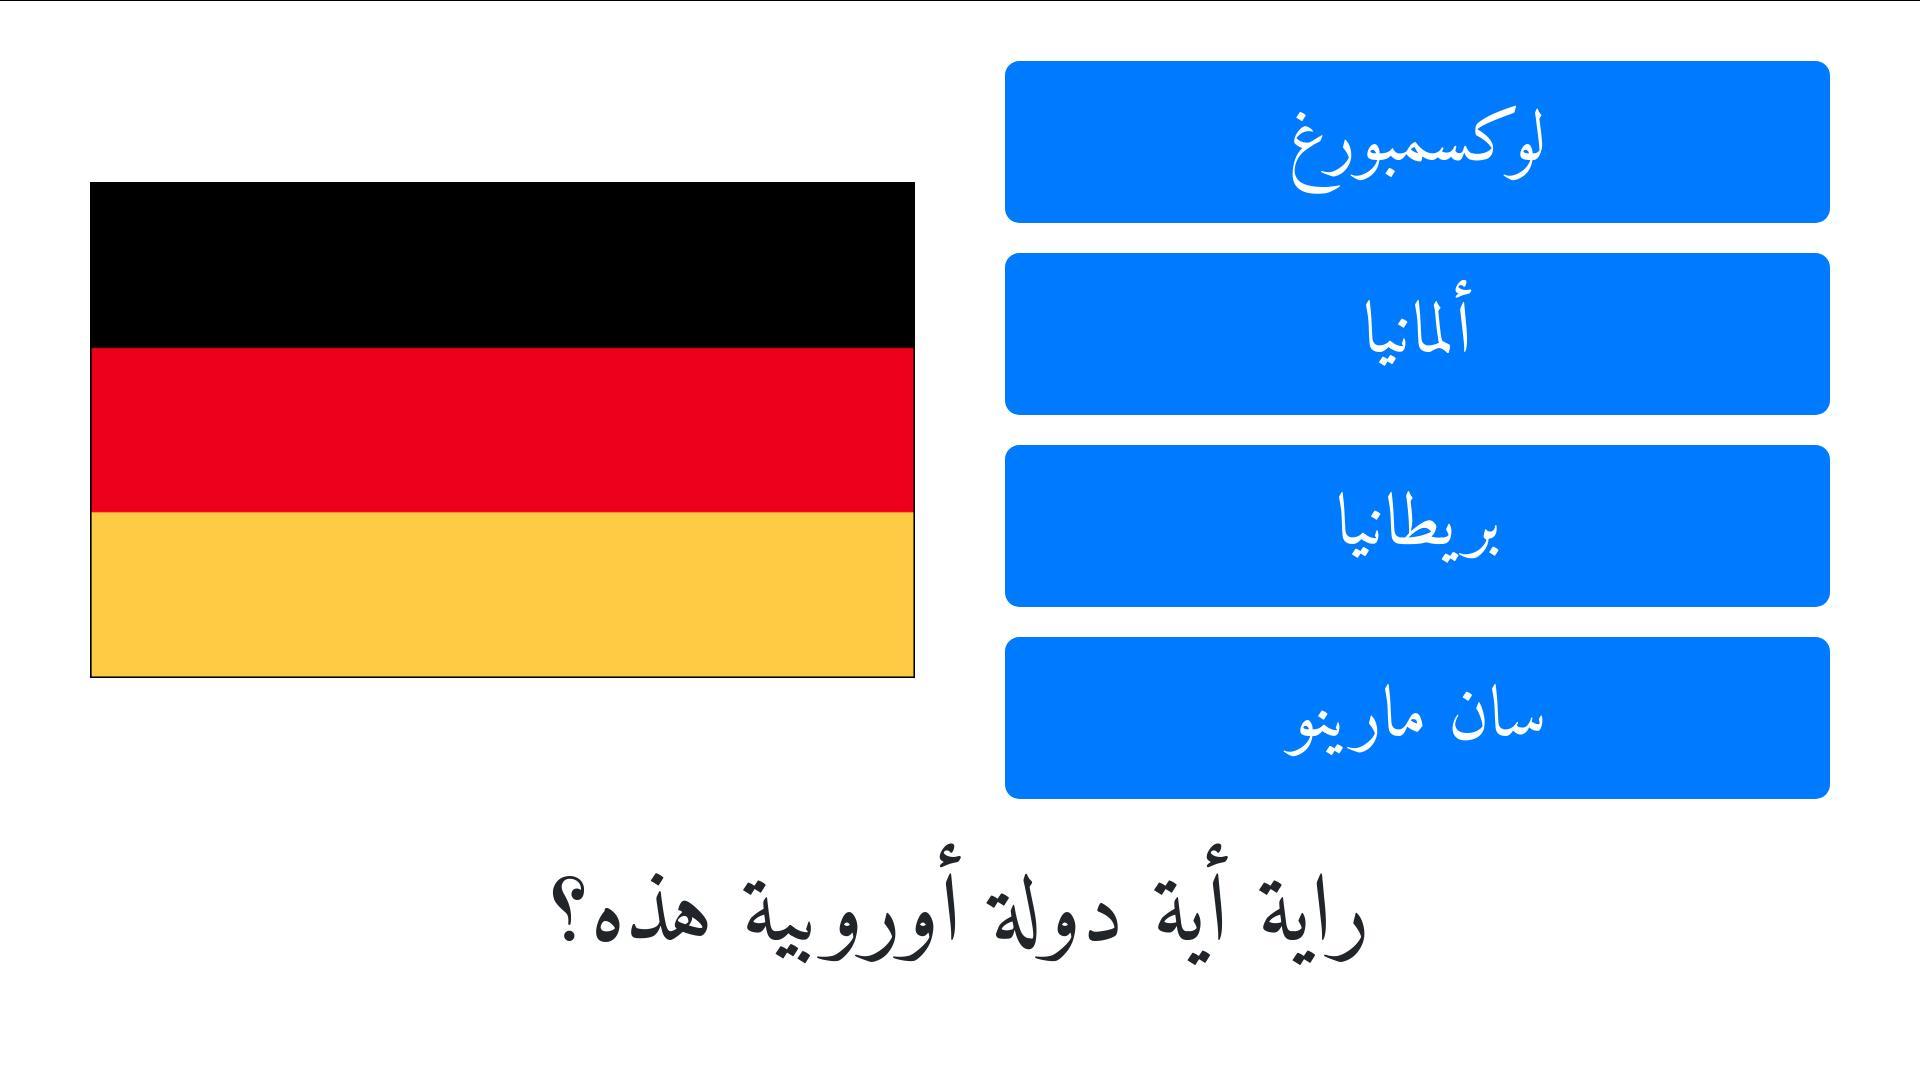 أعلام الدول الأوروبية وأسماؤها بالعربية مع الصور For Android Apk Download